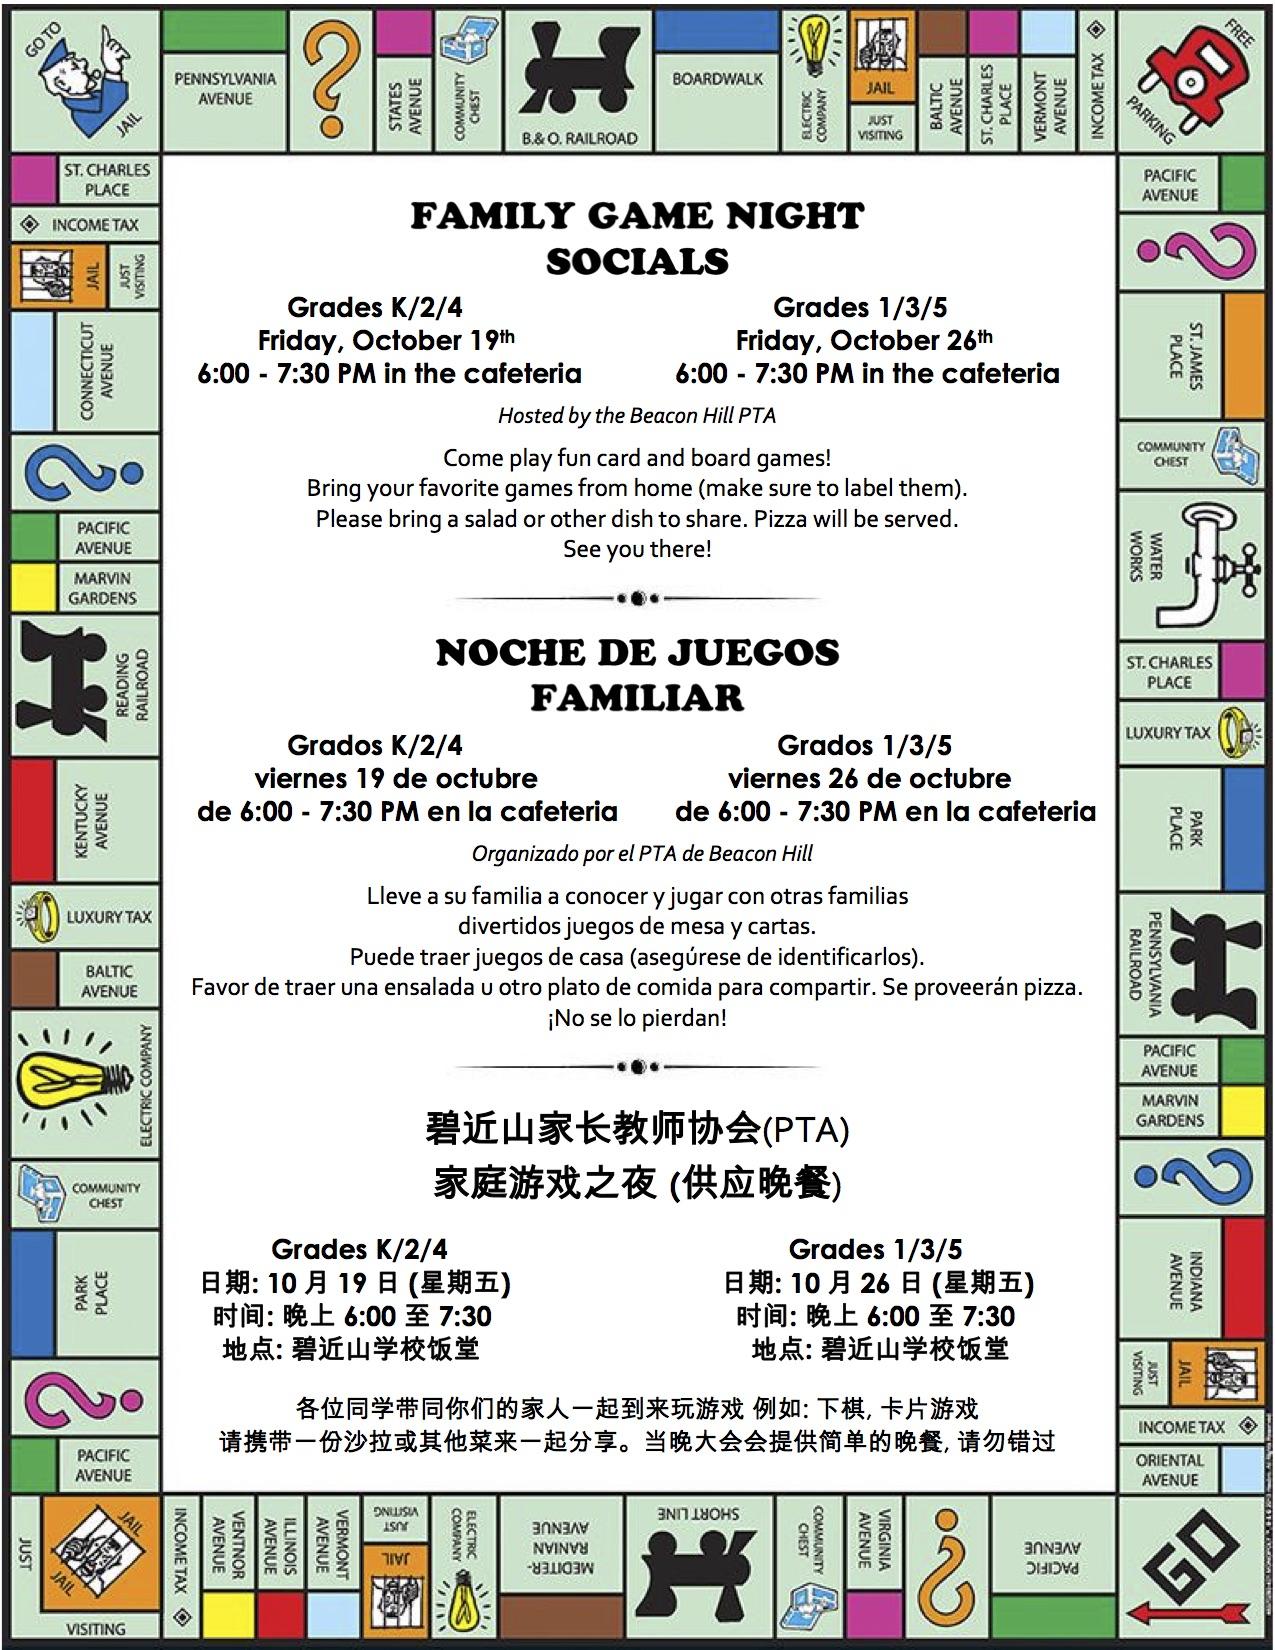 2018-19 Family Game Night Socials flyer October 2018